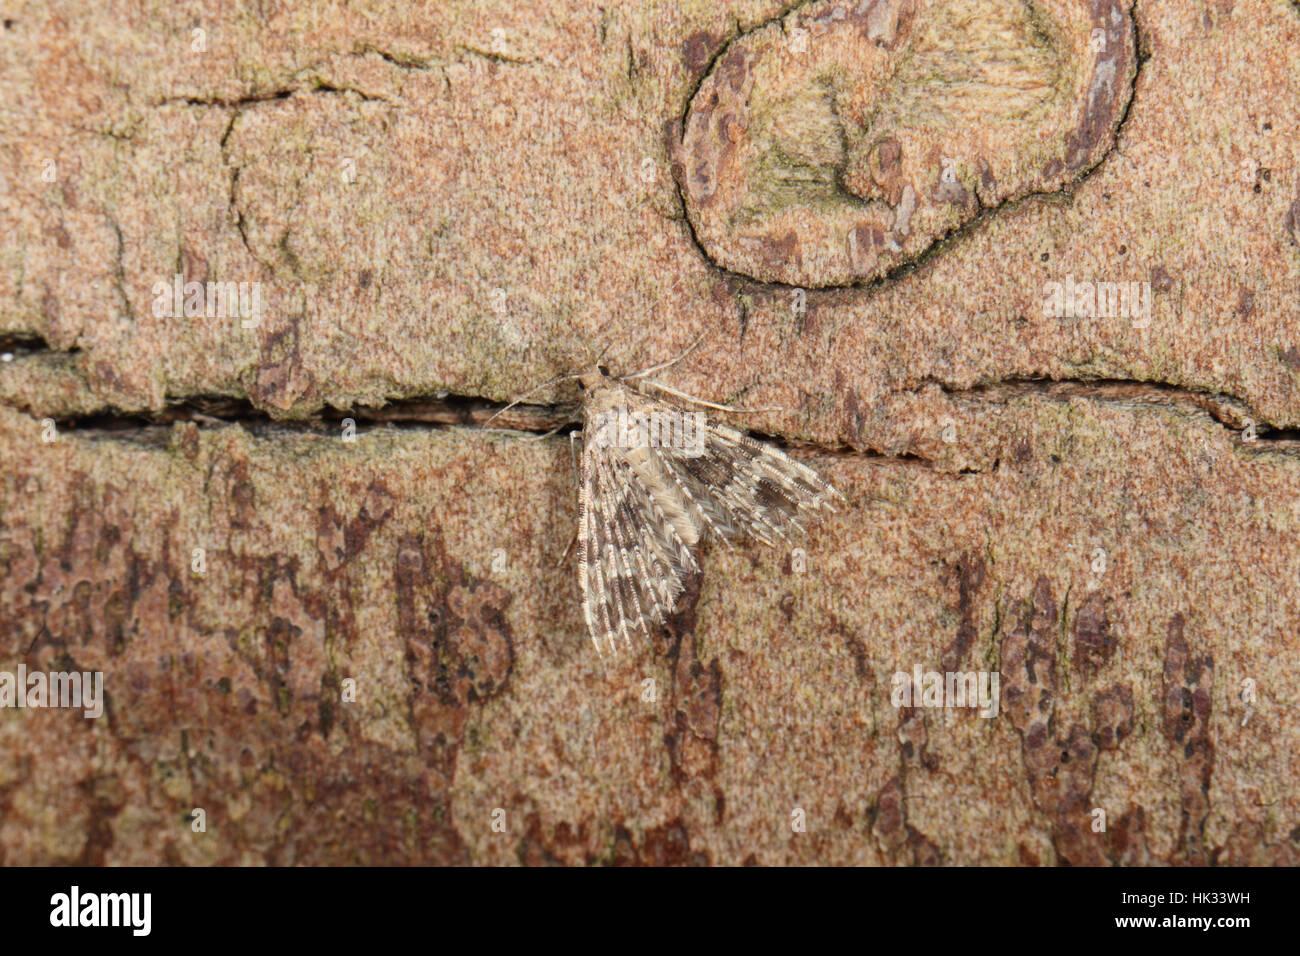 Twenty-plume or Many-plumed Moth (Alucita hexadactyla), - Stock Image